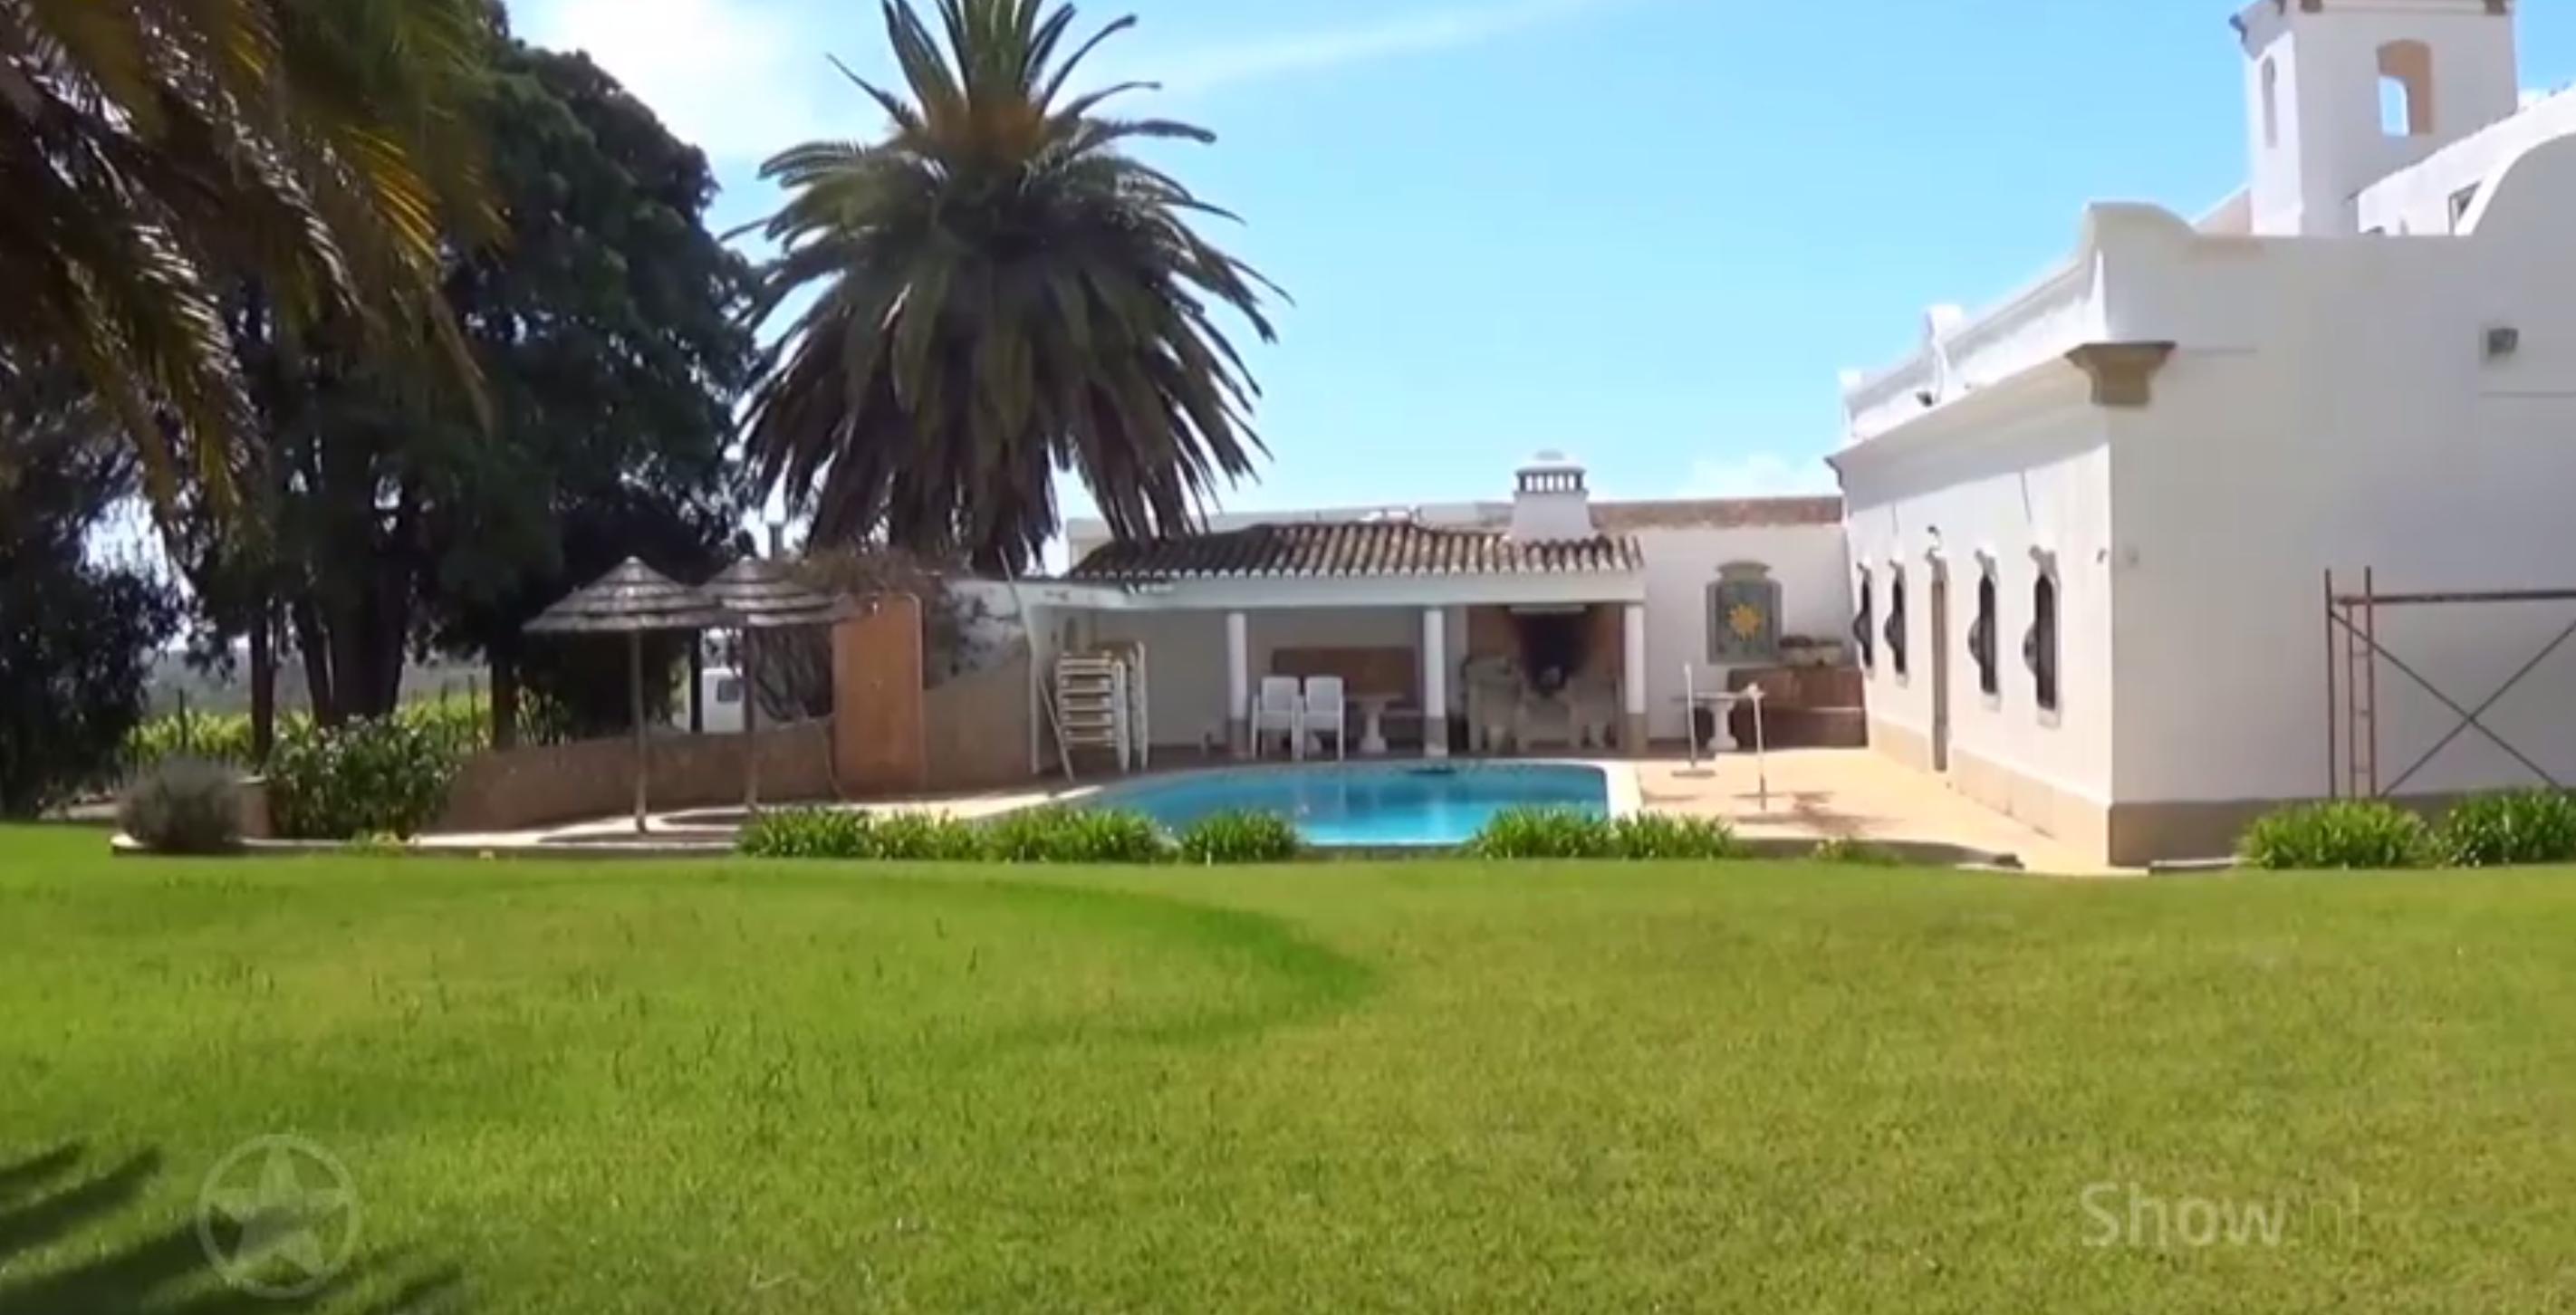 ZIEN: Binnenkijken in het Portugese vakantiehuis van Cliff Richard